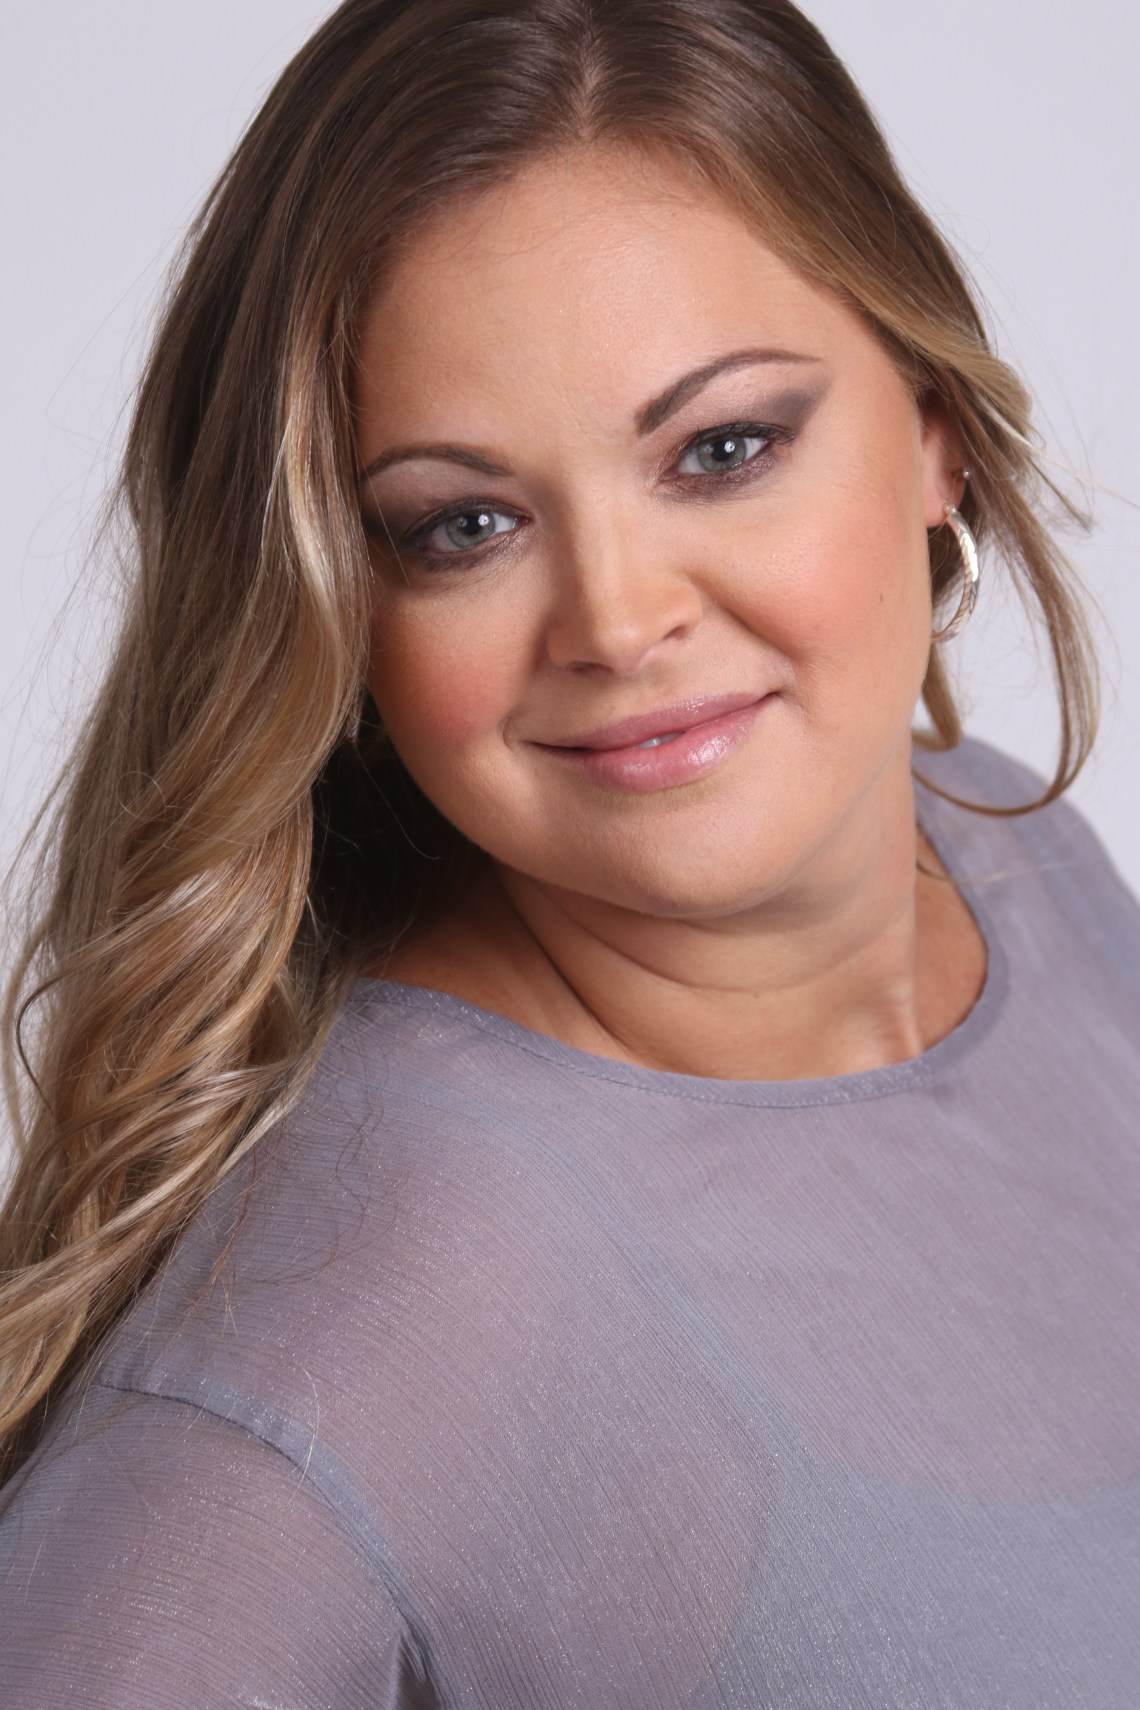 Leslie G